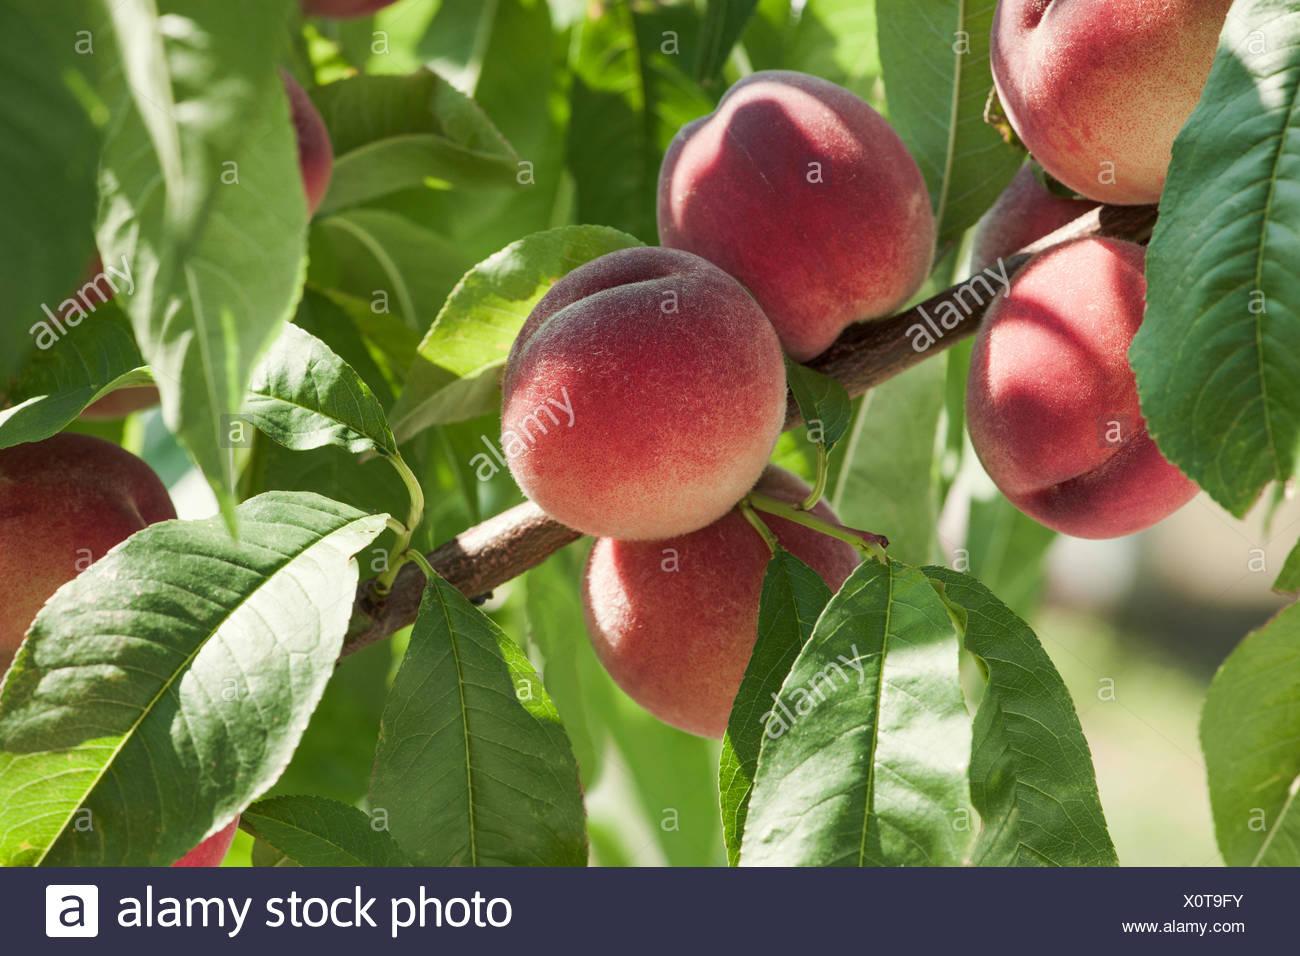 Pfirsich, Blätterzweig, Garten, Prunus persica, Rosengewächs - Stock Image